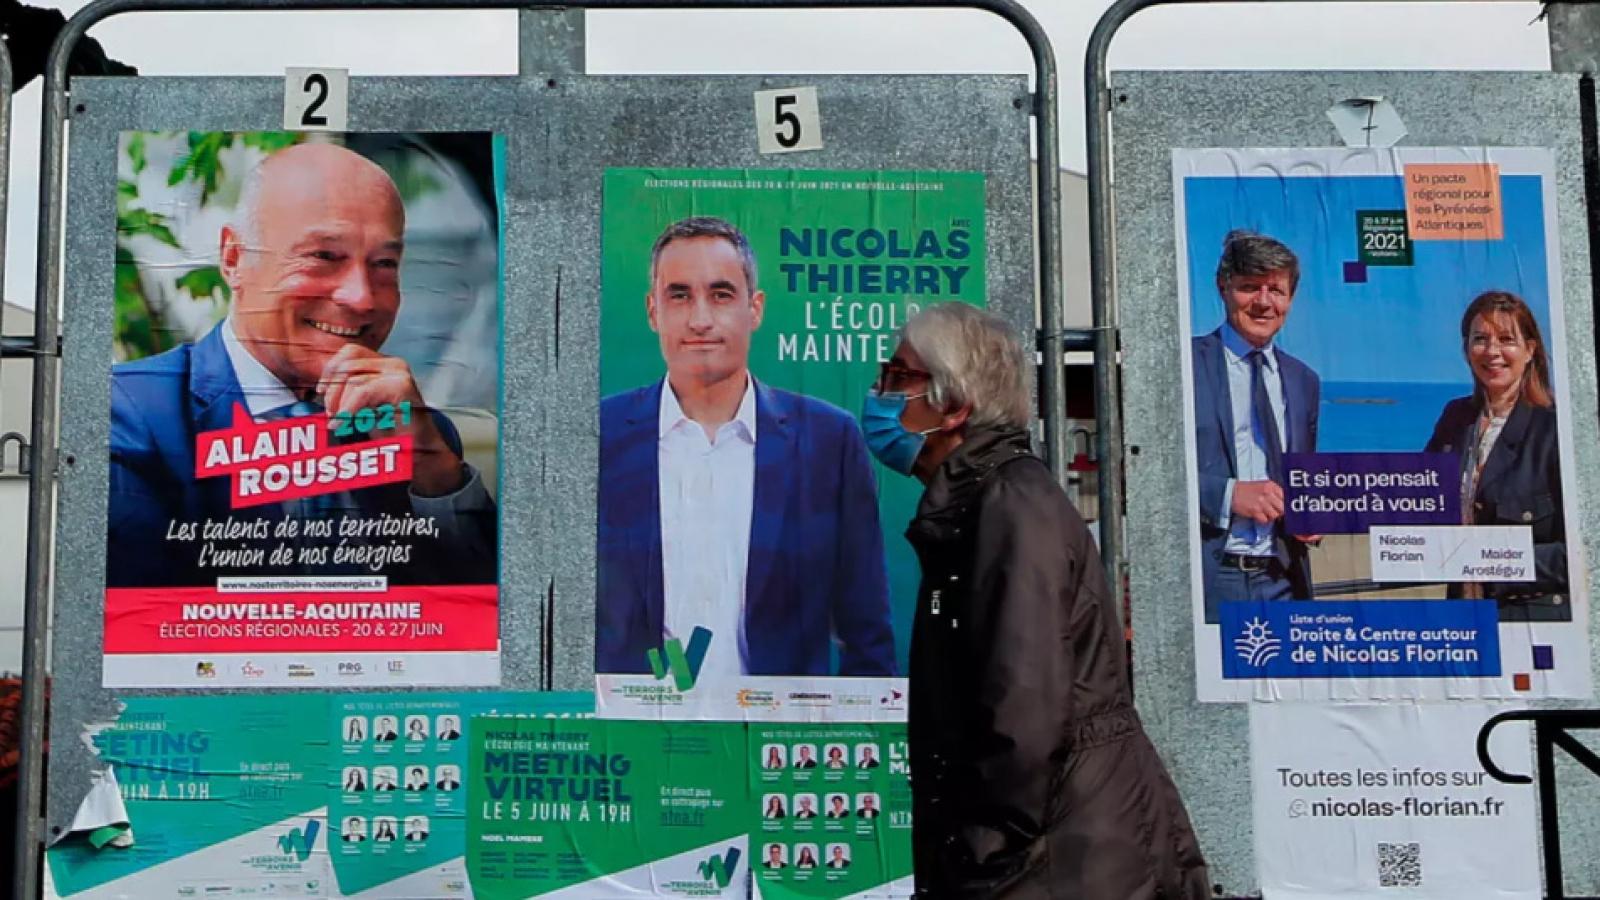 Pháp tiến hành bầu cử khu vực vòng 2